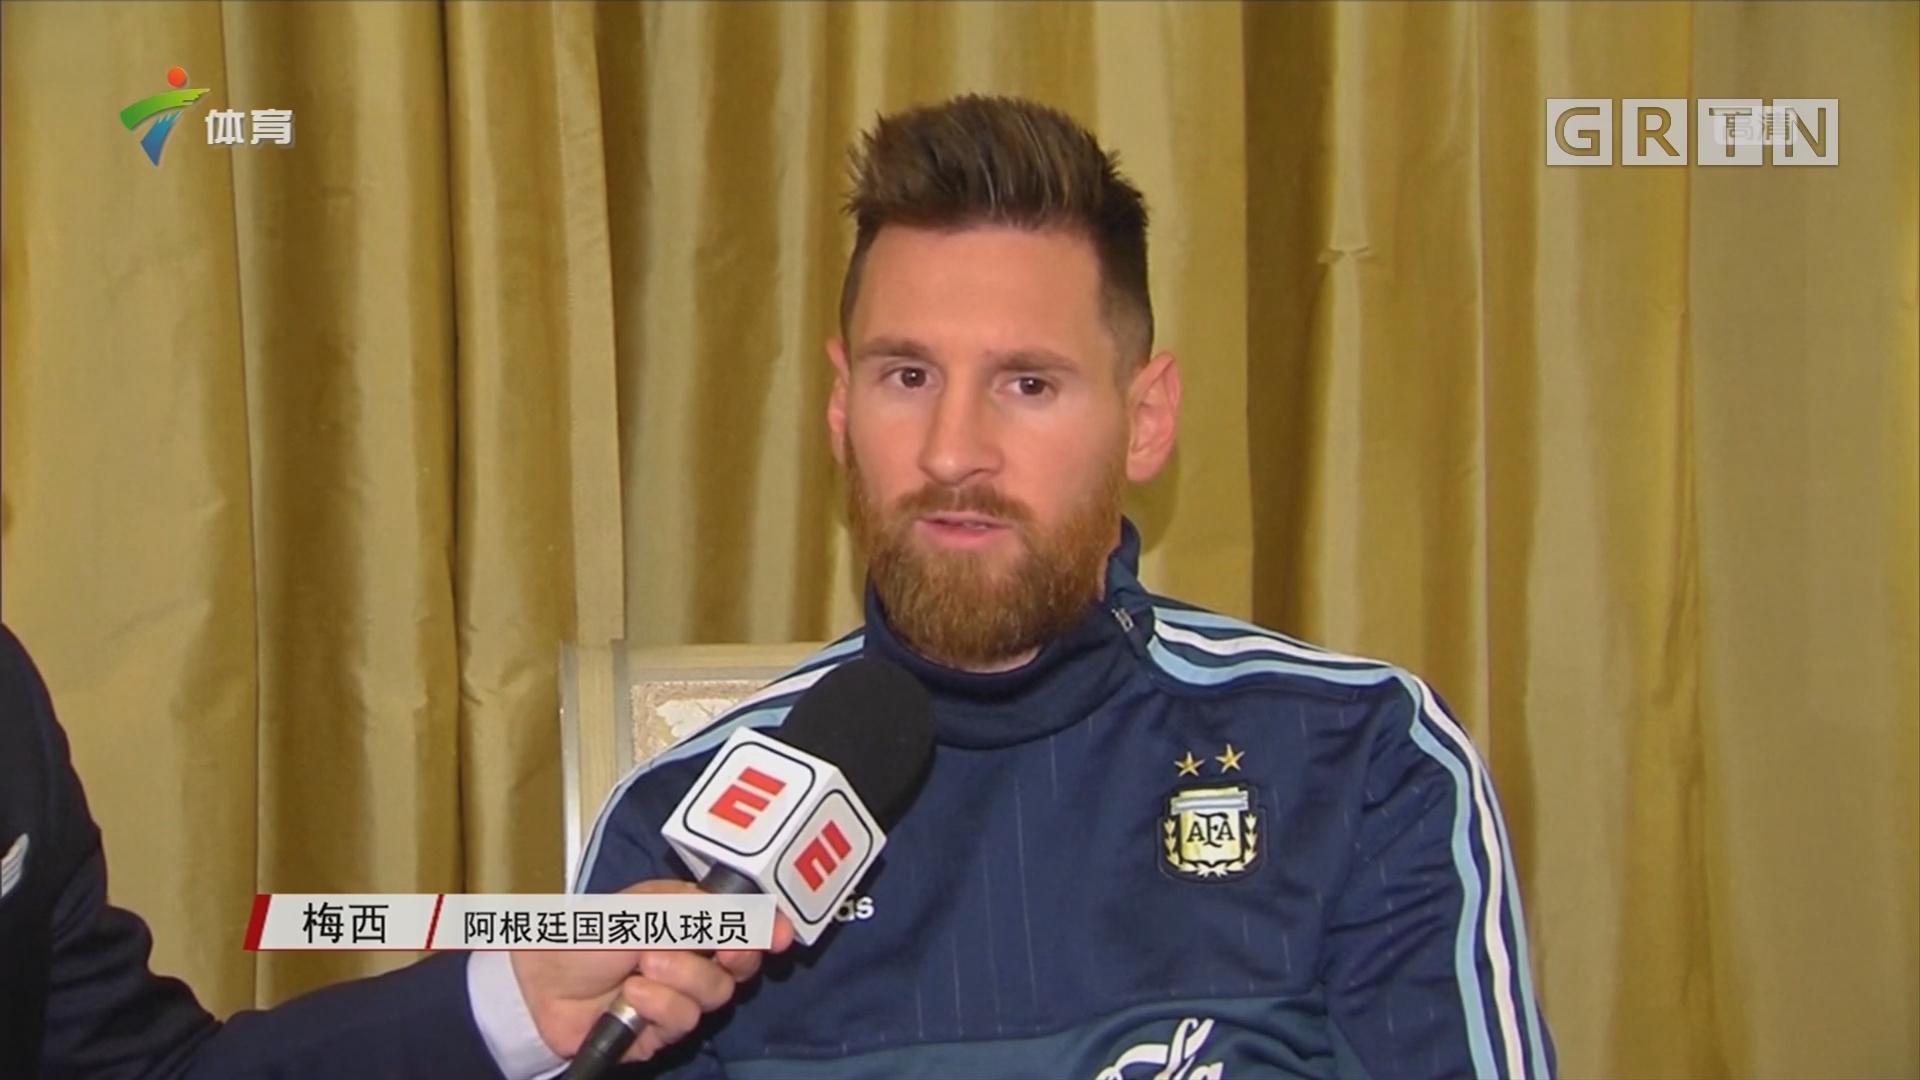 梅西表现一般 将缺阵对尼日利亚比赛